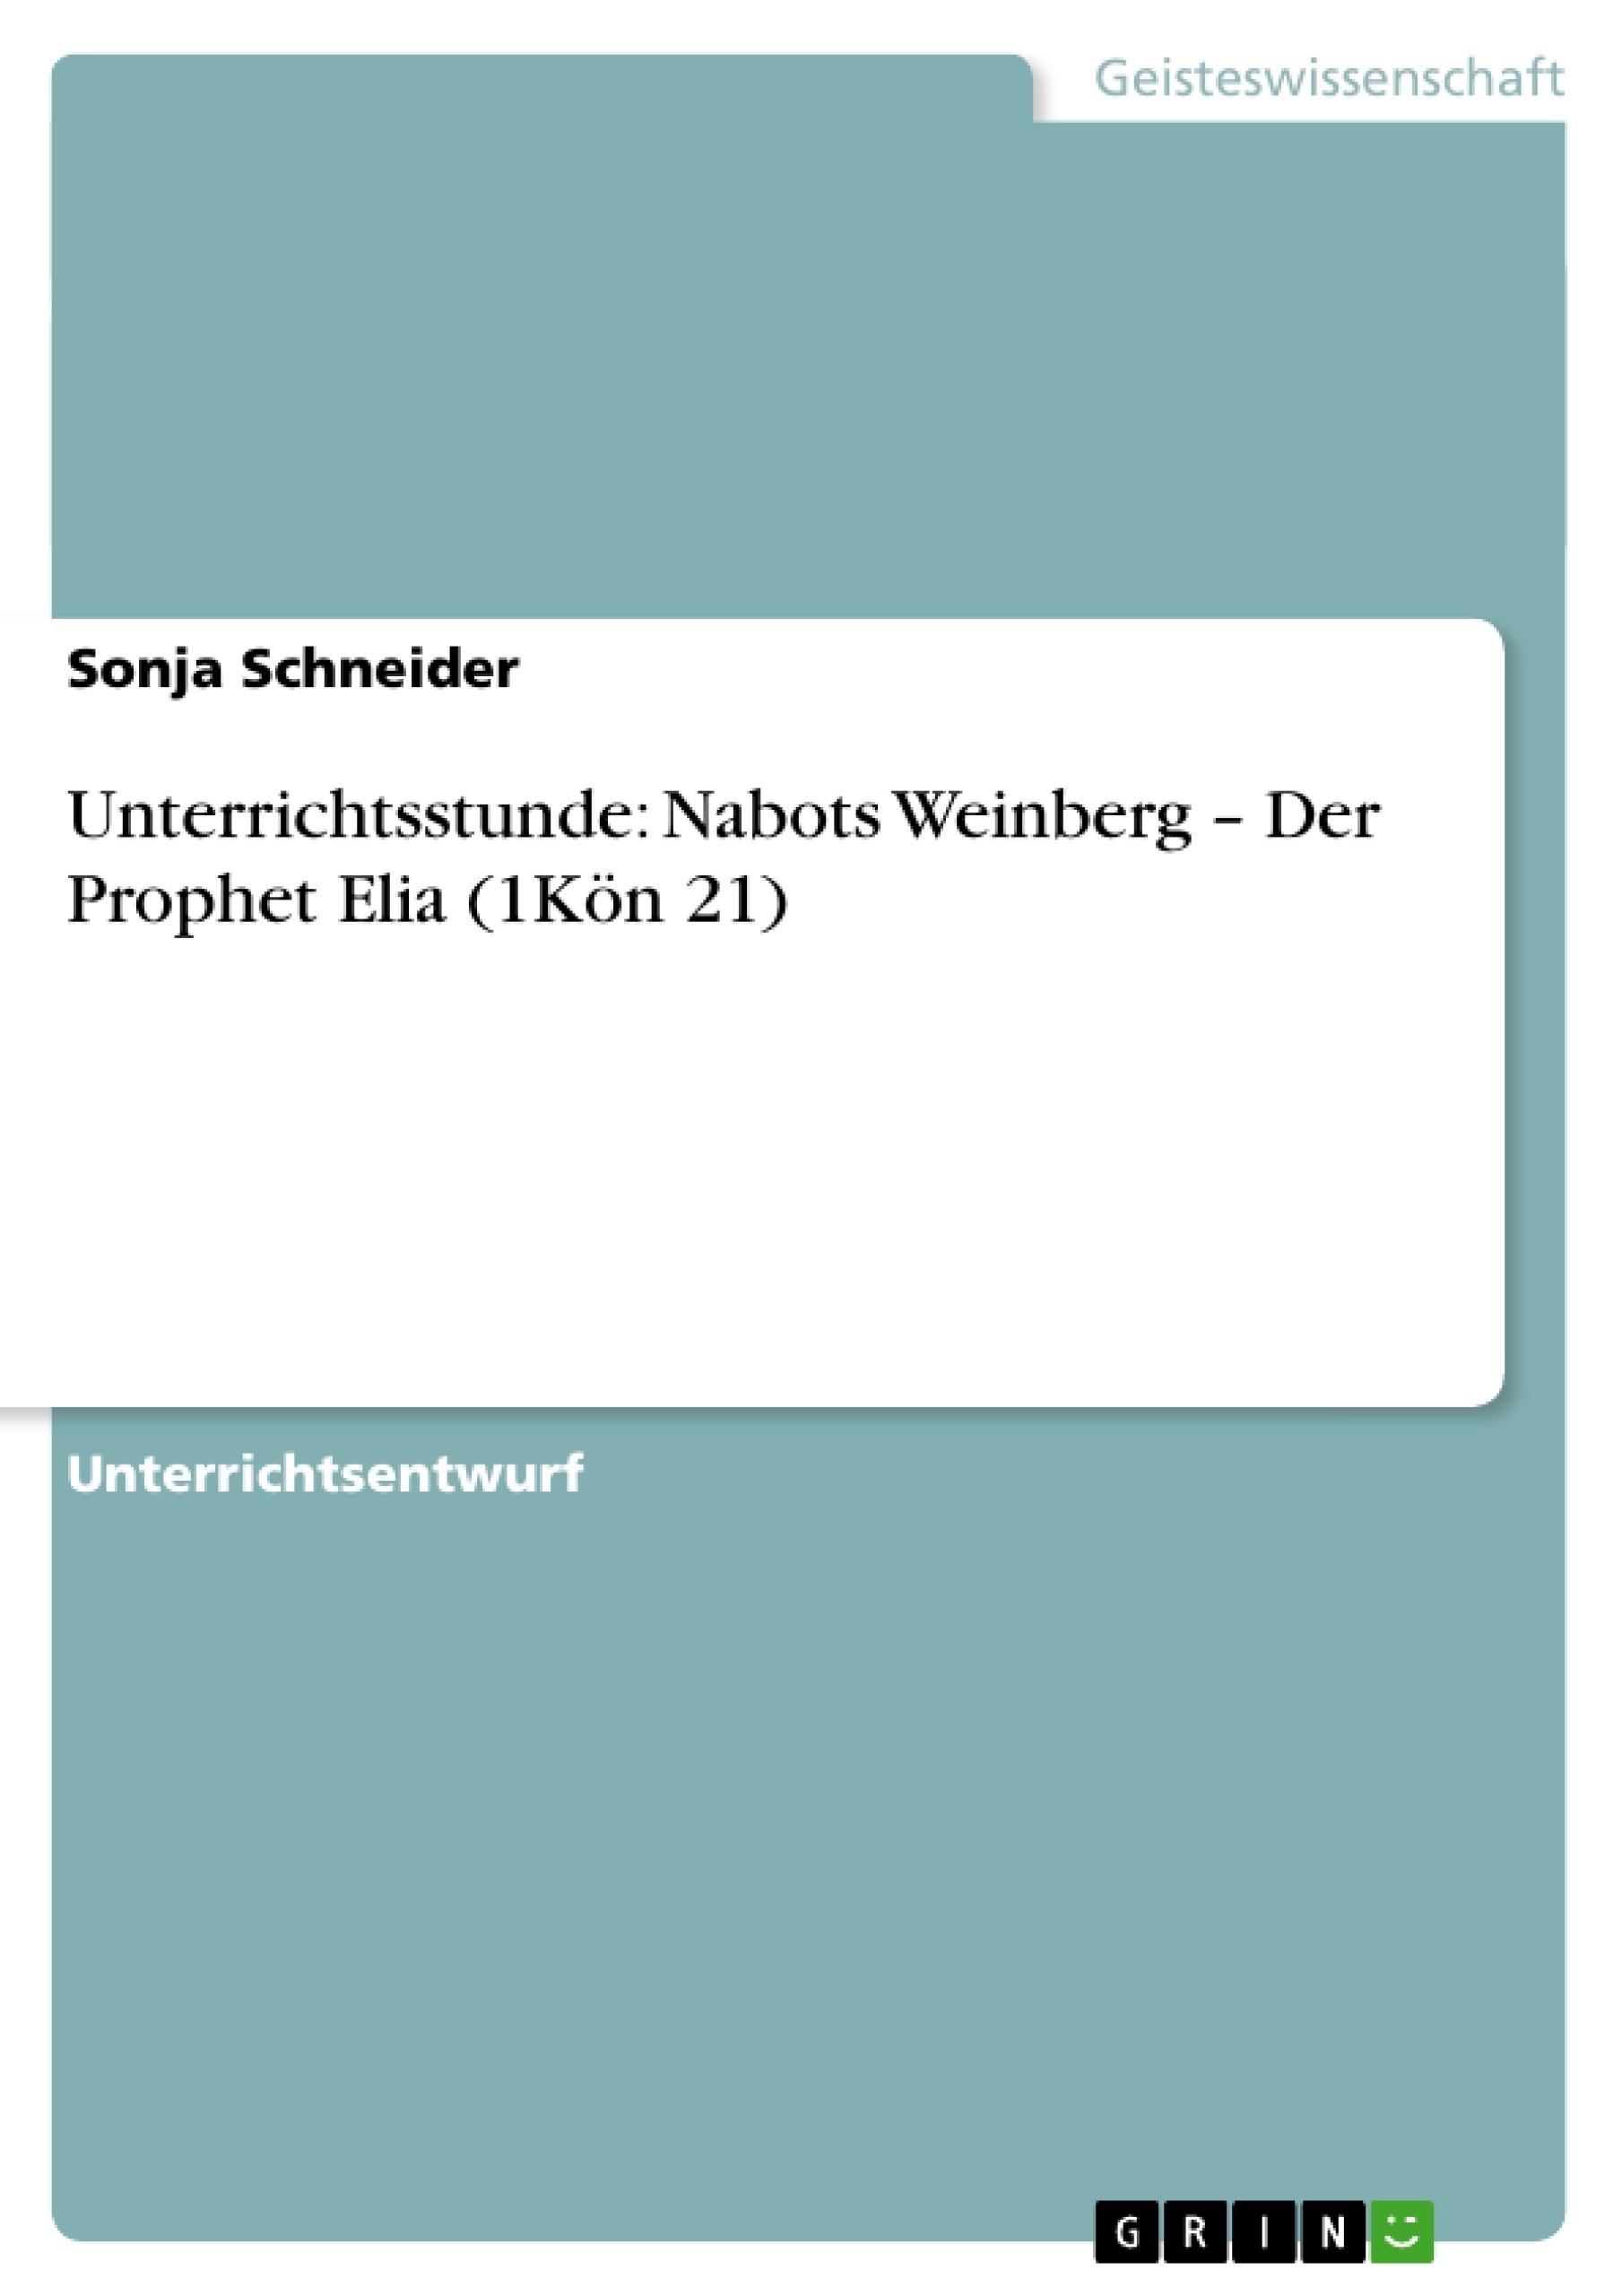 Unterrichtsstunde: Nabots Weinberg – Der Prophet Elia (1Kön 21 ...